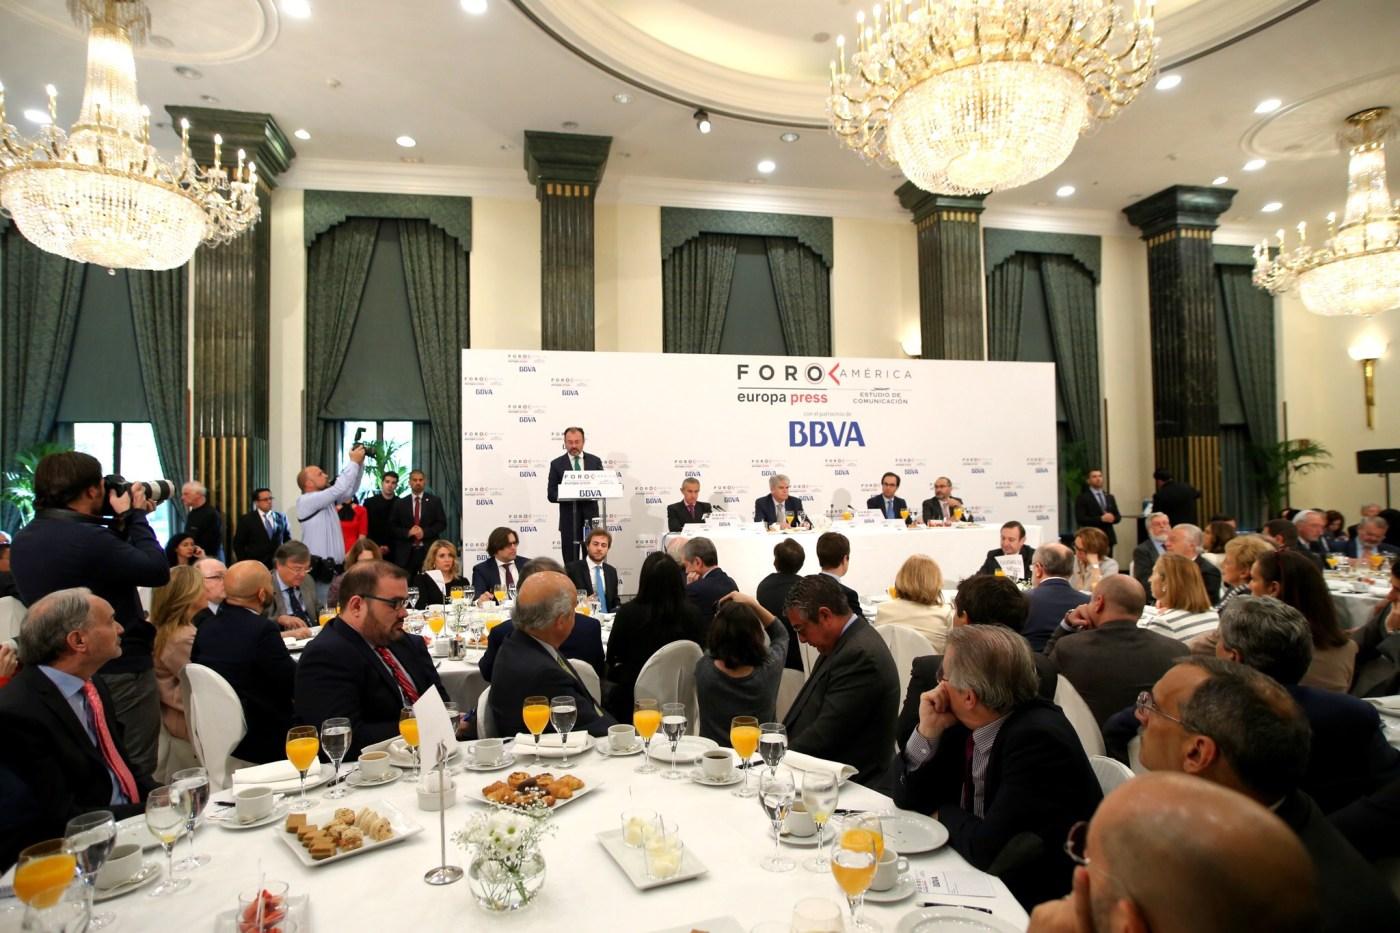 """El Canciller Luis Videgaray en el """"Foro América"""" de Europa Press y BBVA en Madrid . (SRE)"""